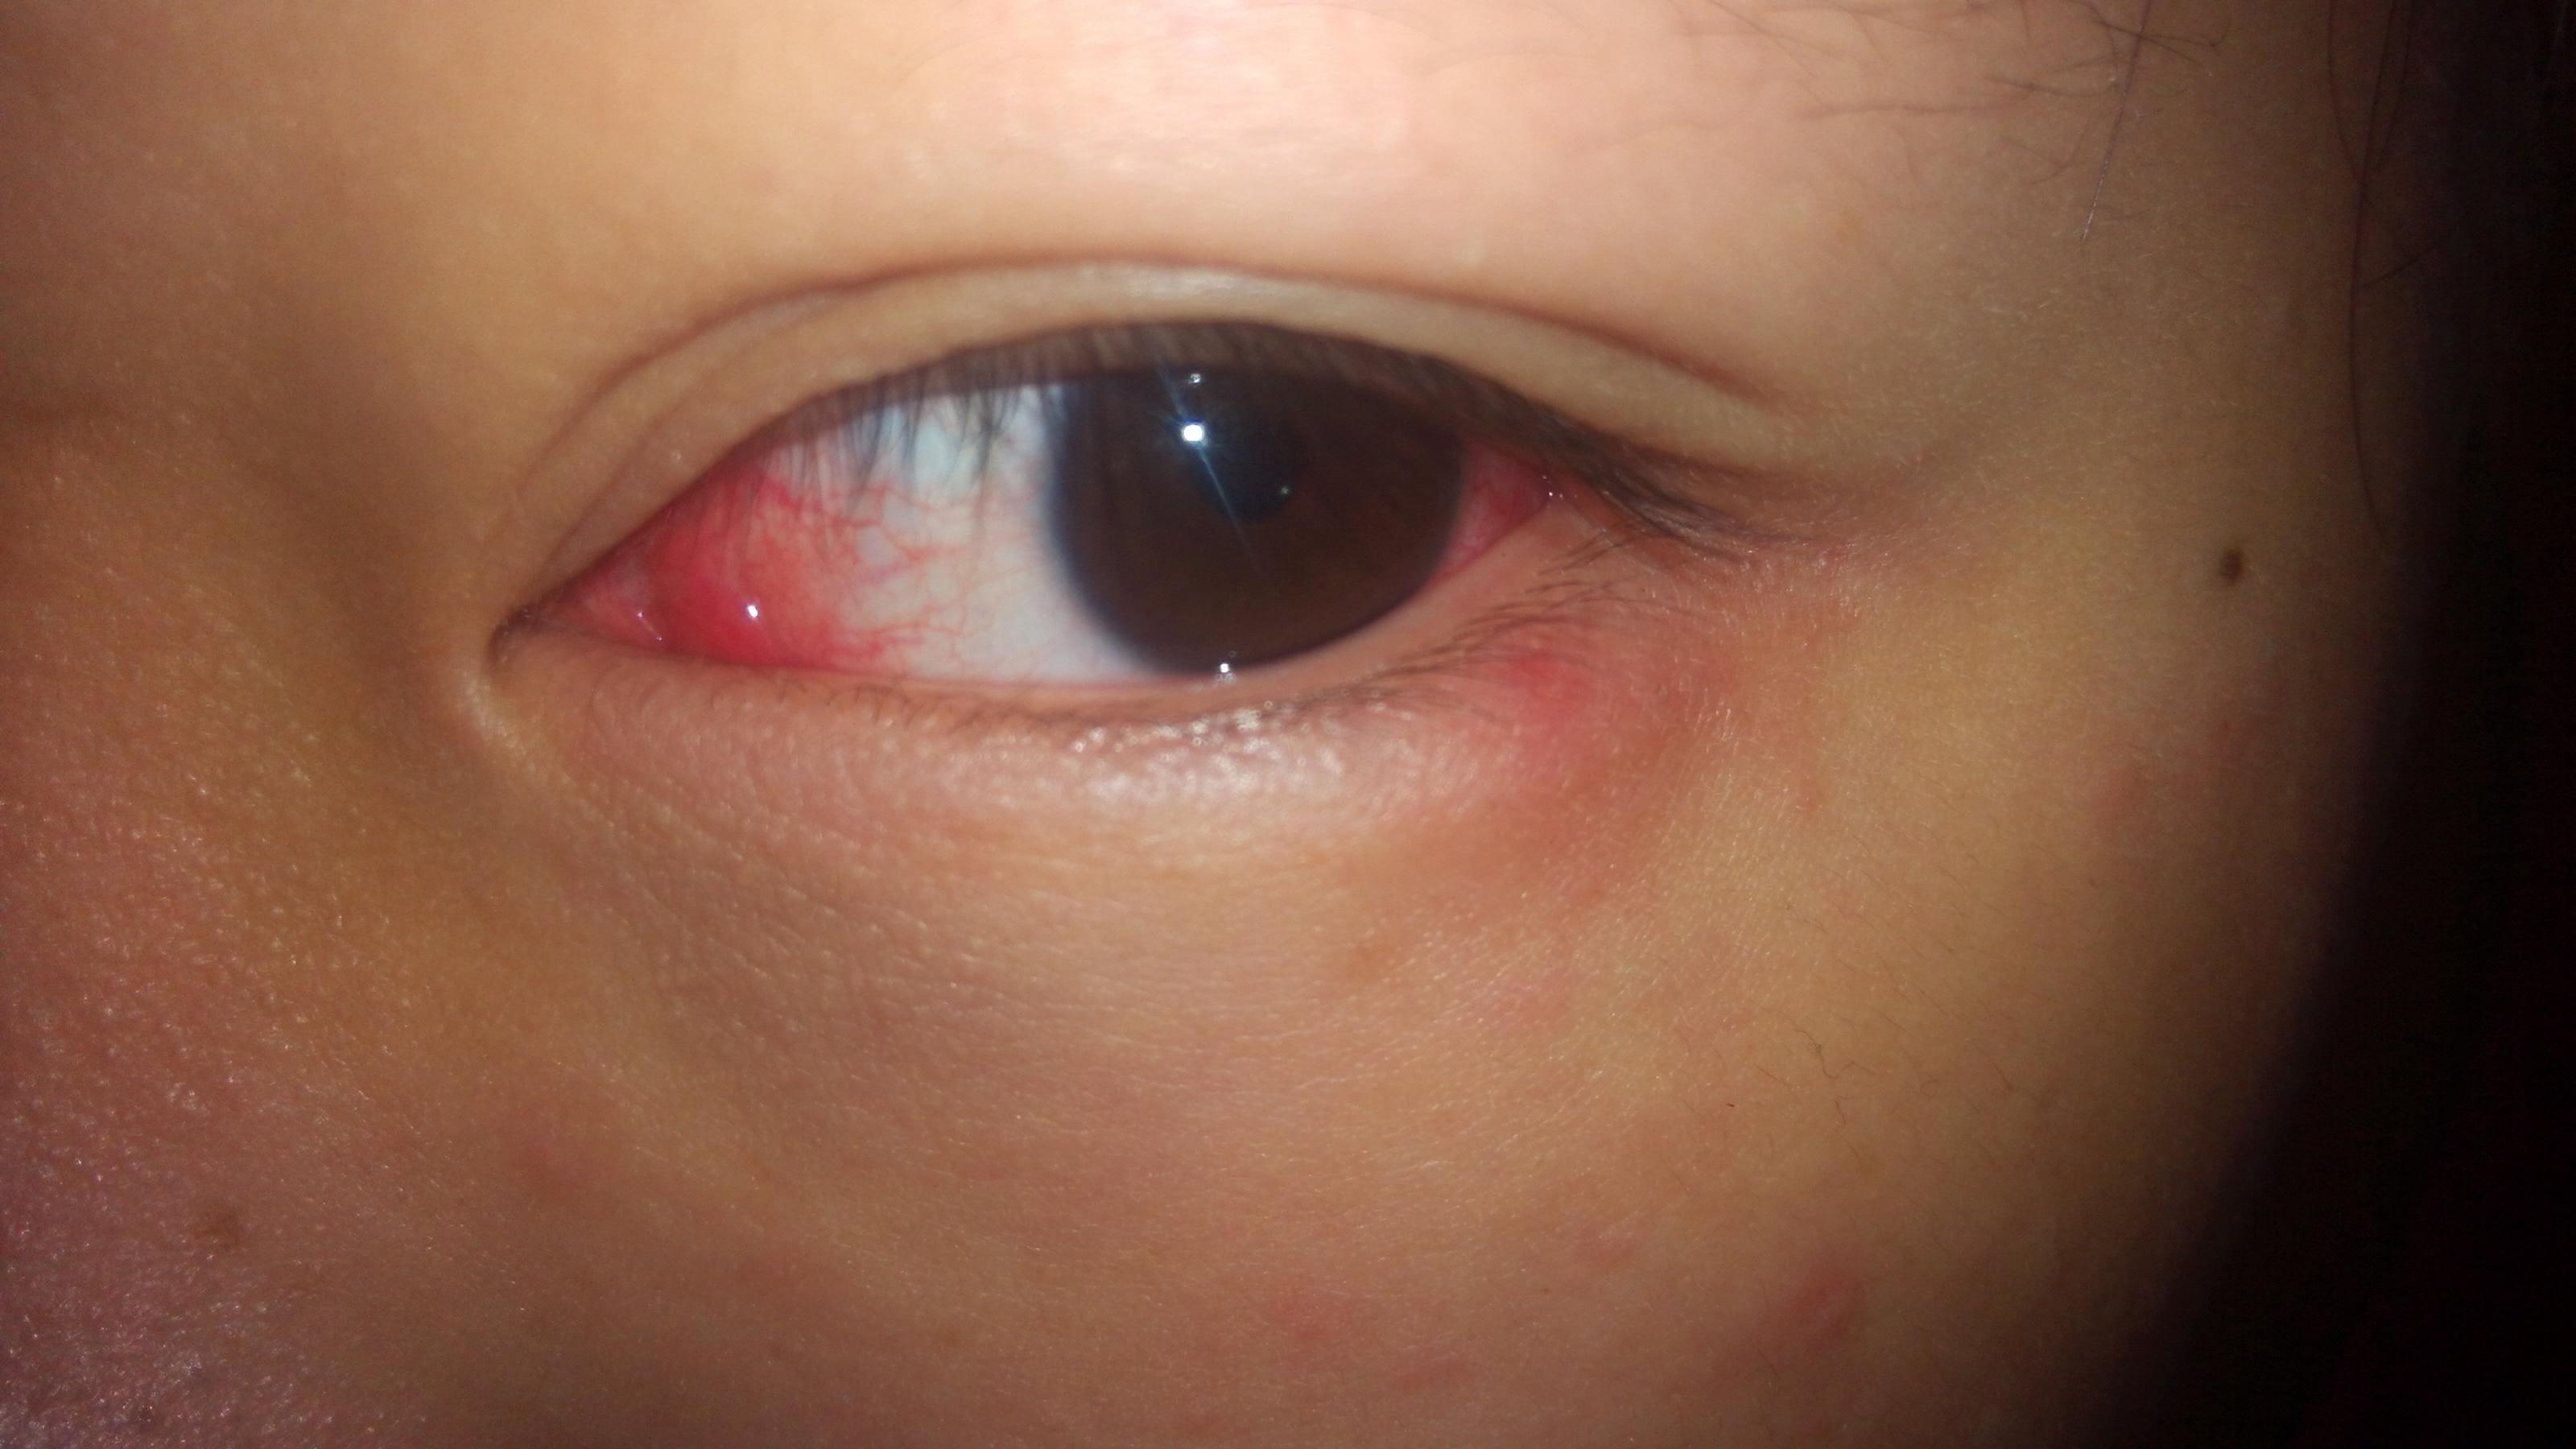 小孩子眼睛有红血丝_眼睛有血丝还能不能继续带美瞳-_补肾参考网